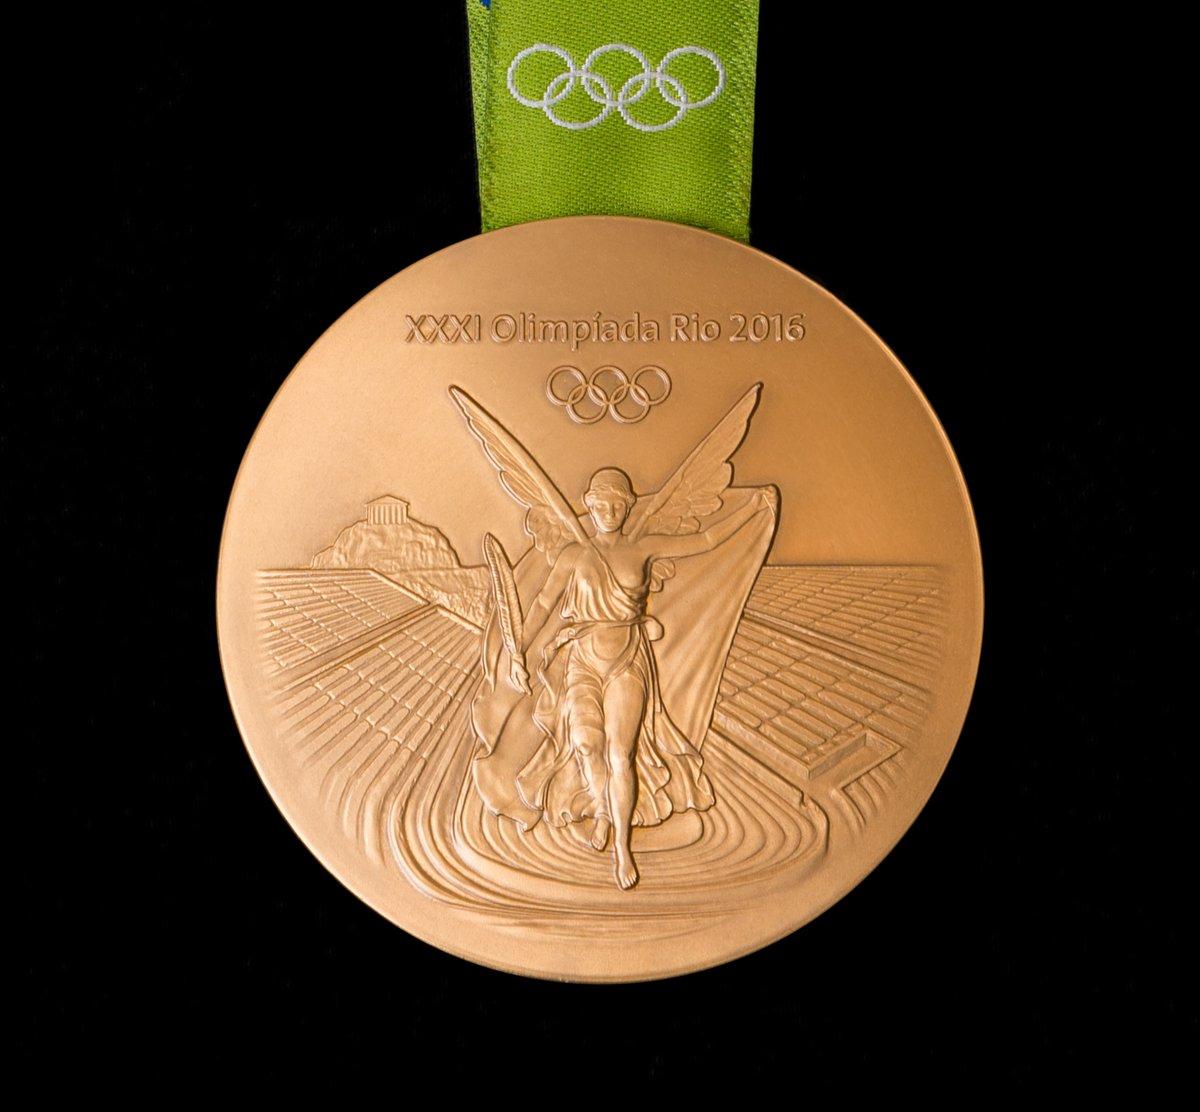 Cu nto vale una medalla de oro de los juegos ol mpicos for Que es una beta de oro